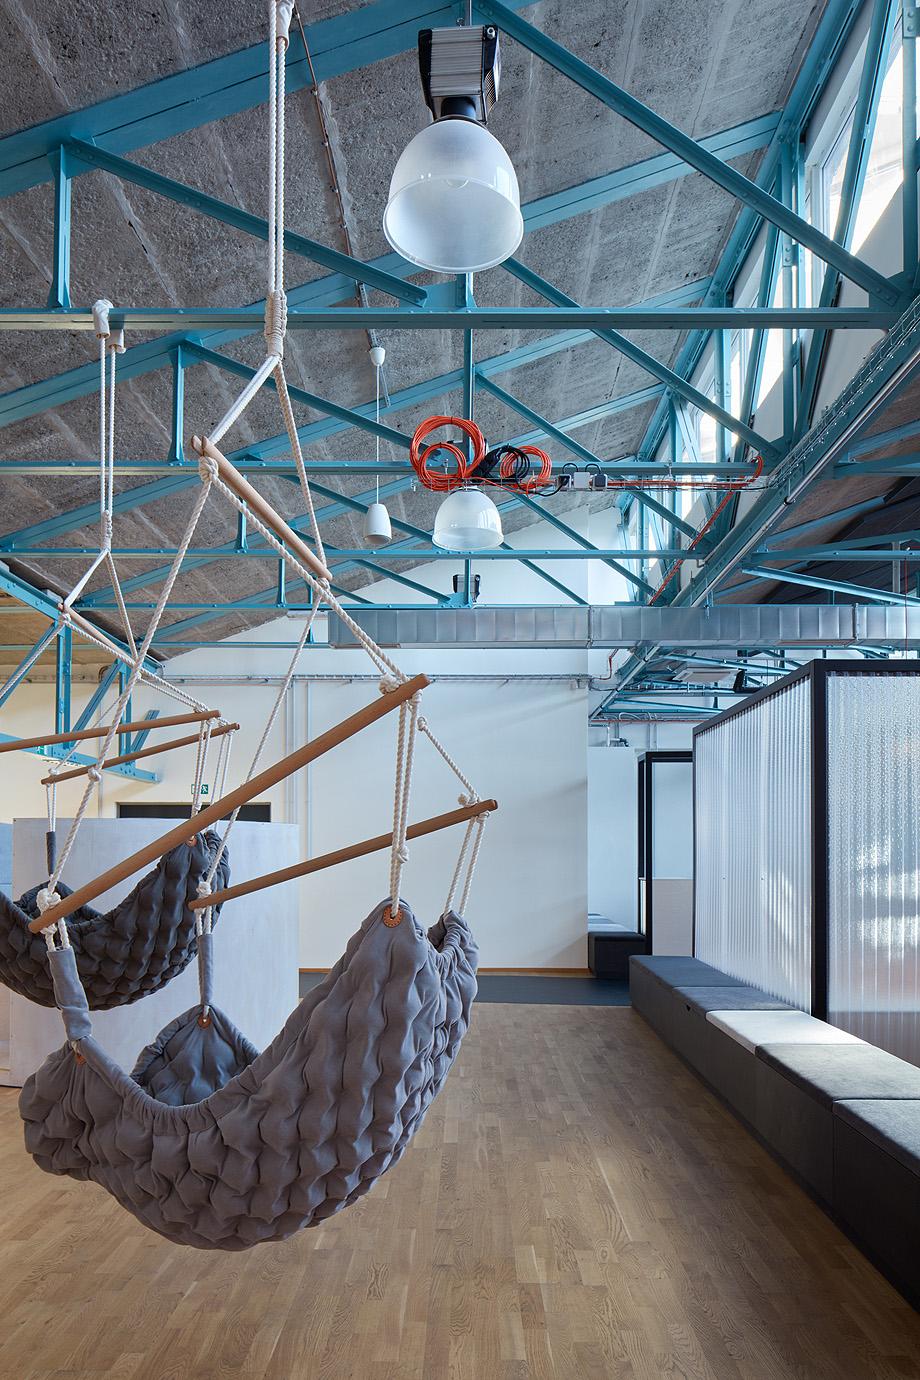 oficinas sinnerschrader por kurz architects - foto boysplaynice (4)